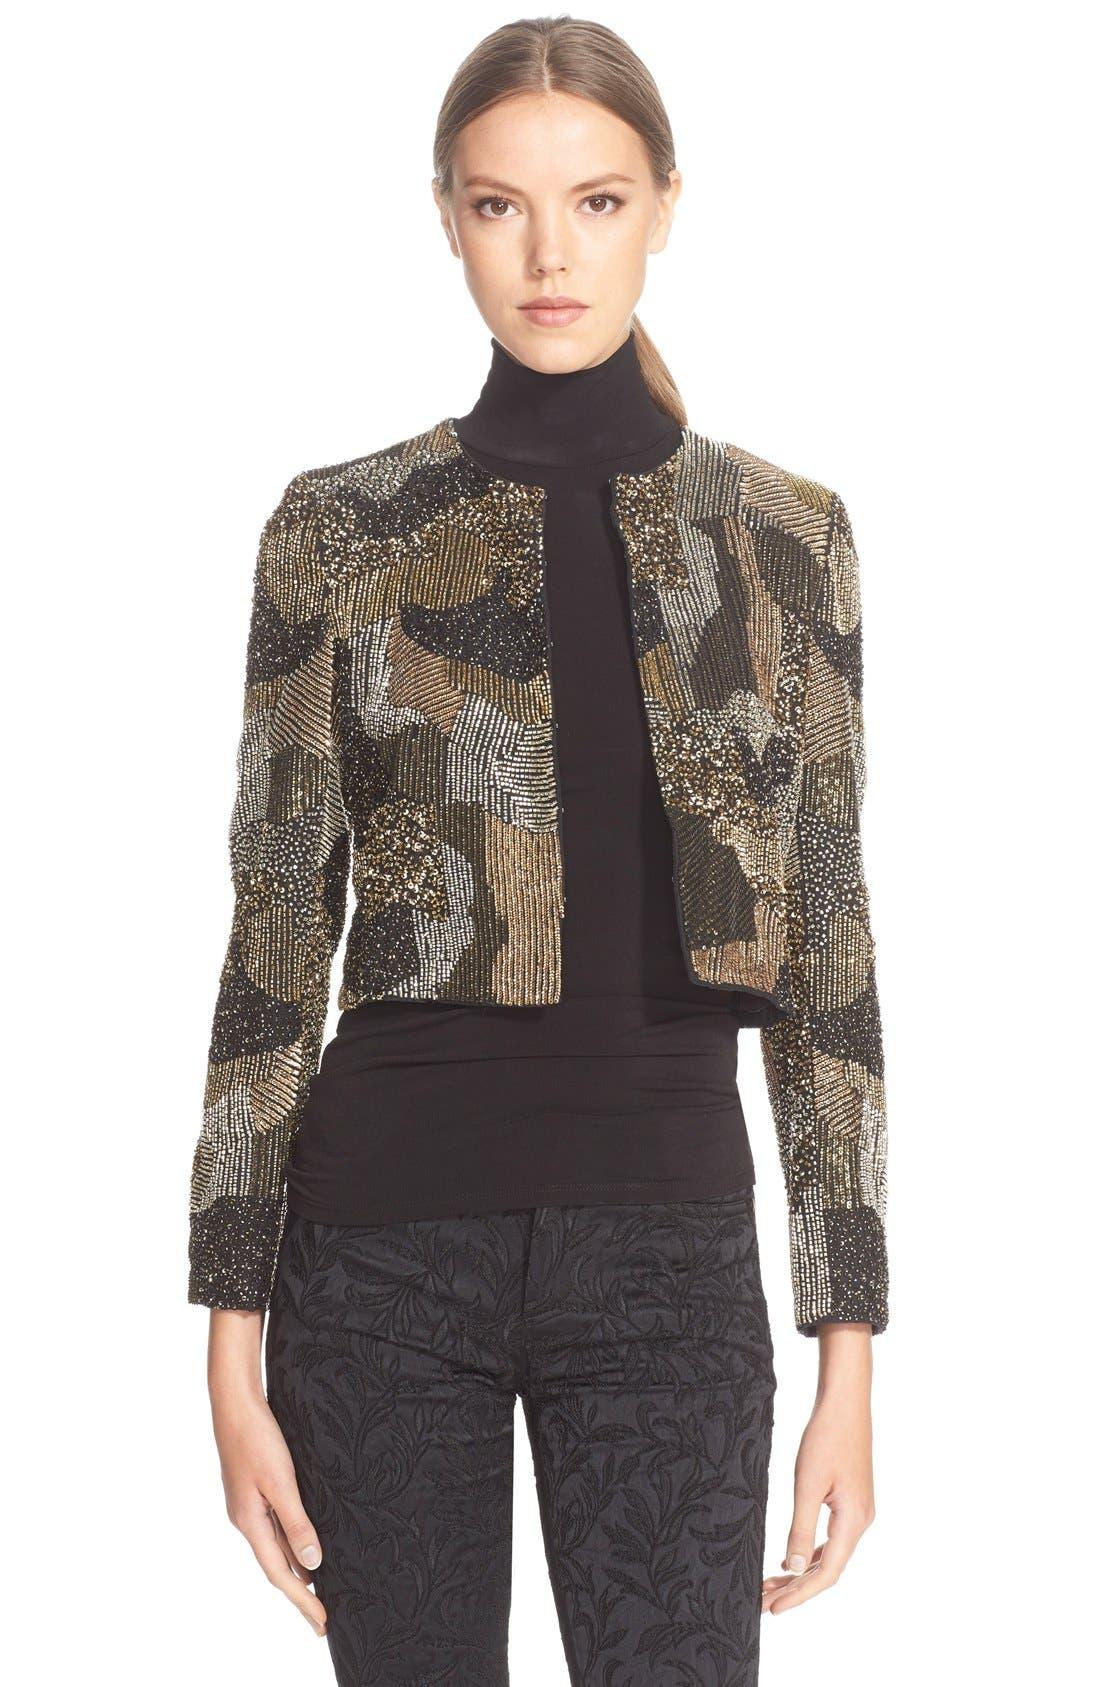 Alternate Image 1 Selected - Alice + Olivia 'Kidman' CroppedBeaded Jacket